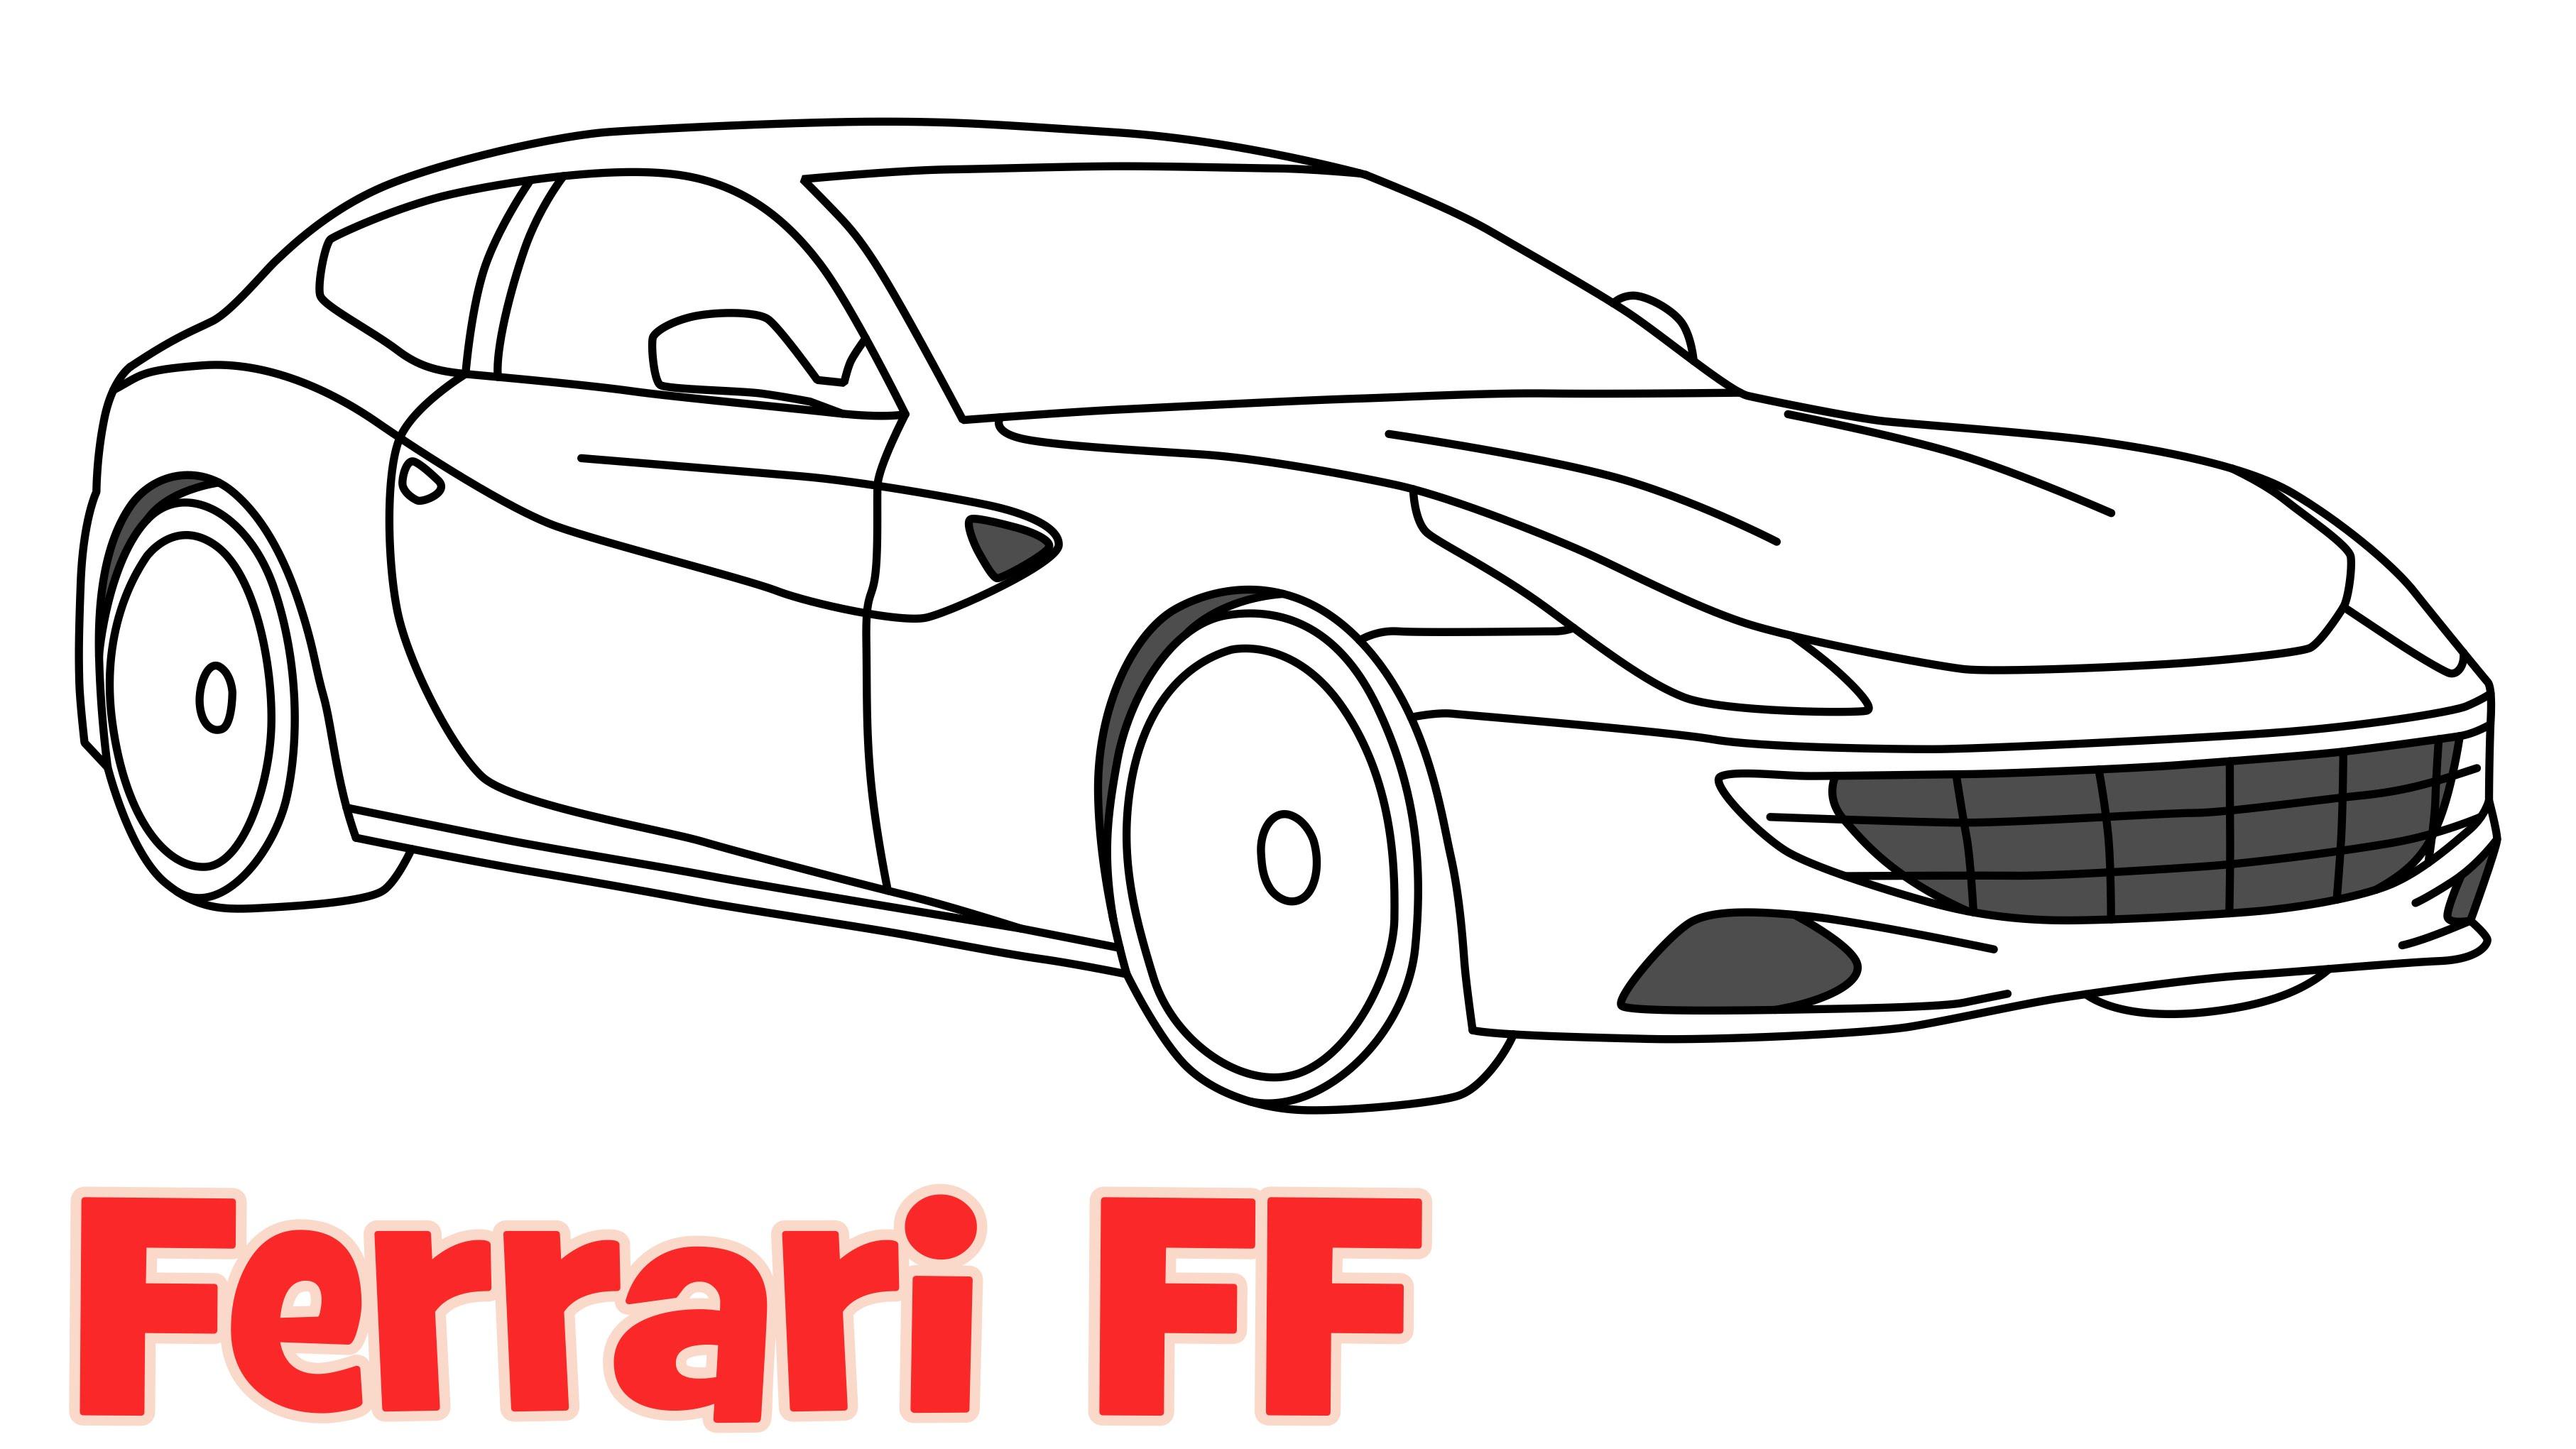 Drawn ferarri easy Car Ferrari by by step